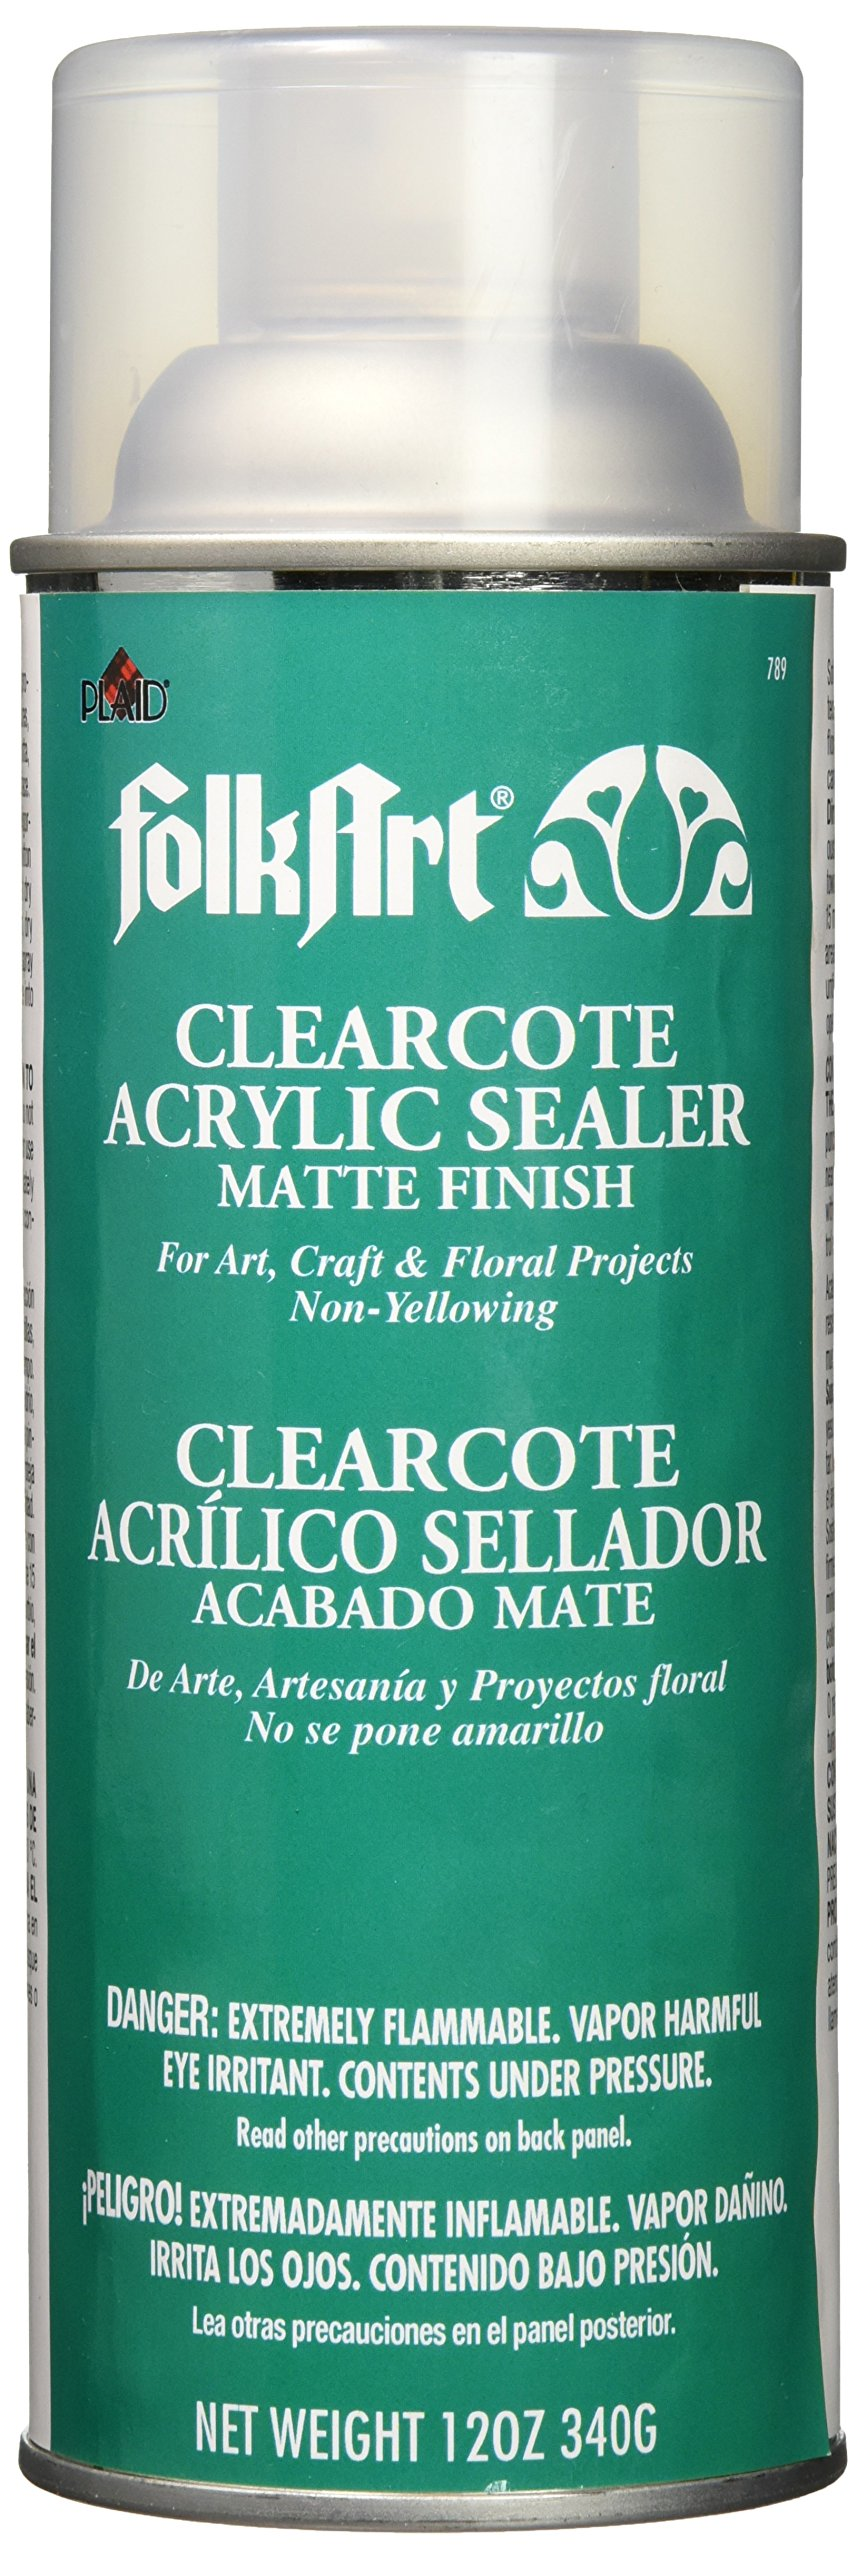 FolkArt 789 Clearcote Acrylic Sealer, 12 oz, Matte